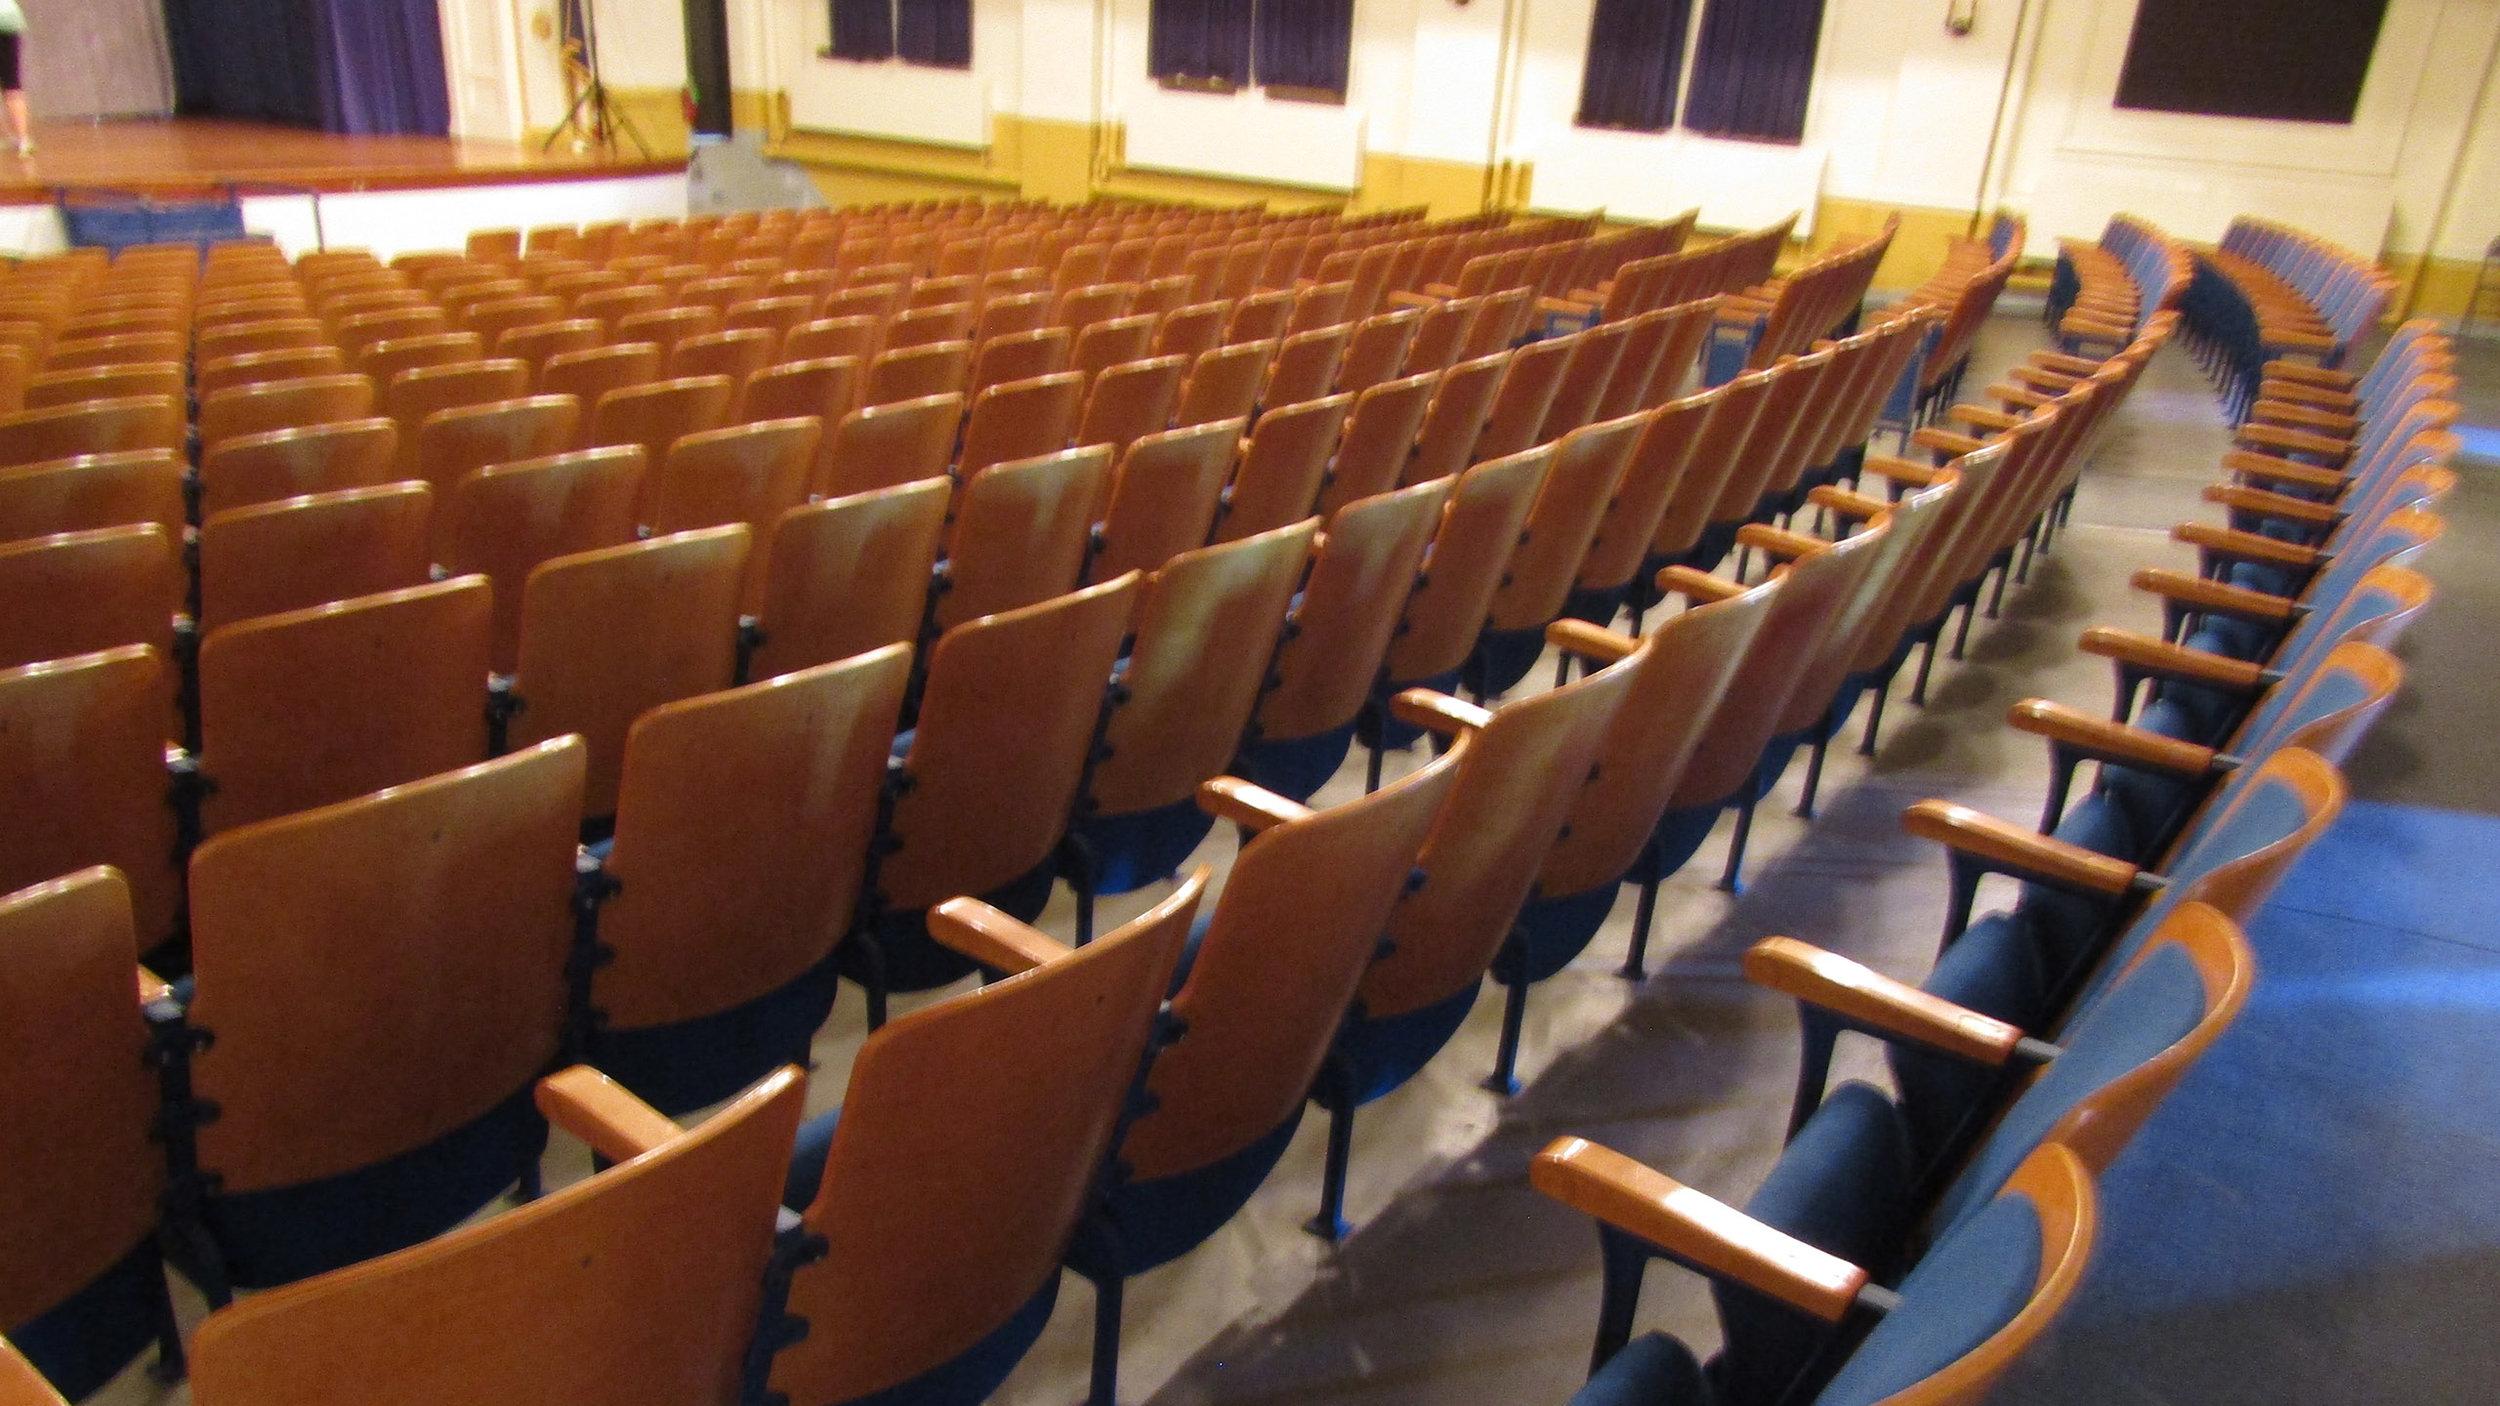 Auditorium_9996.jpg